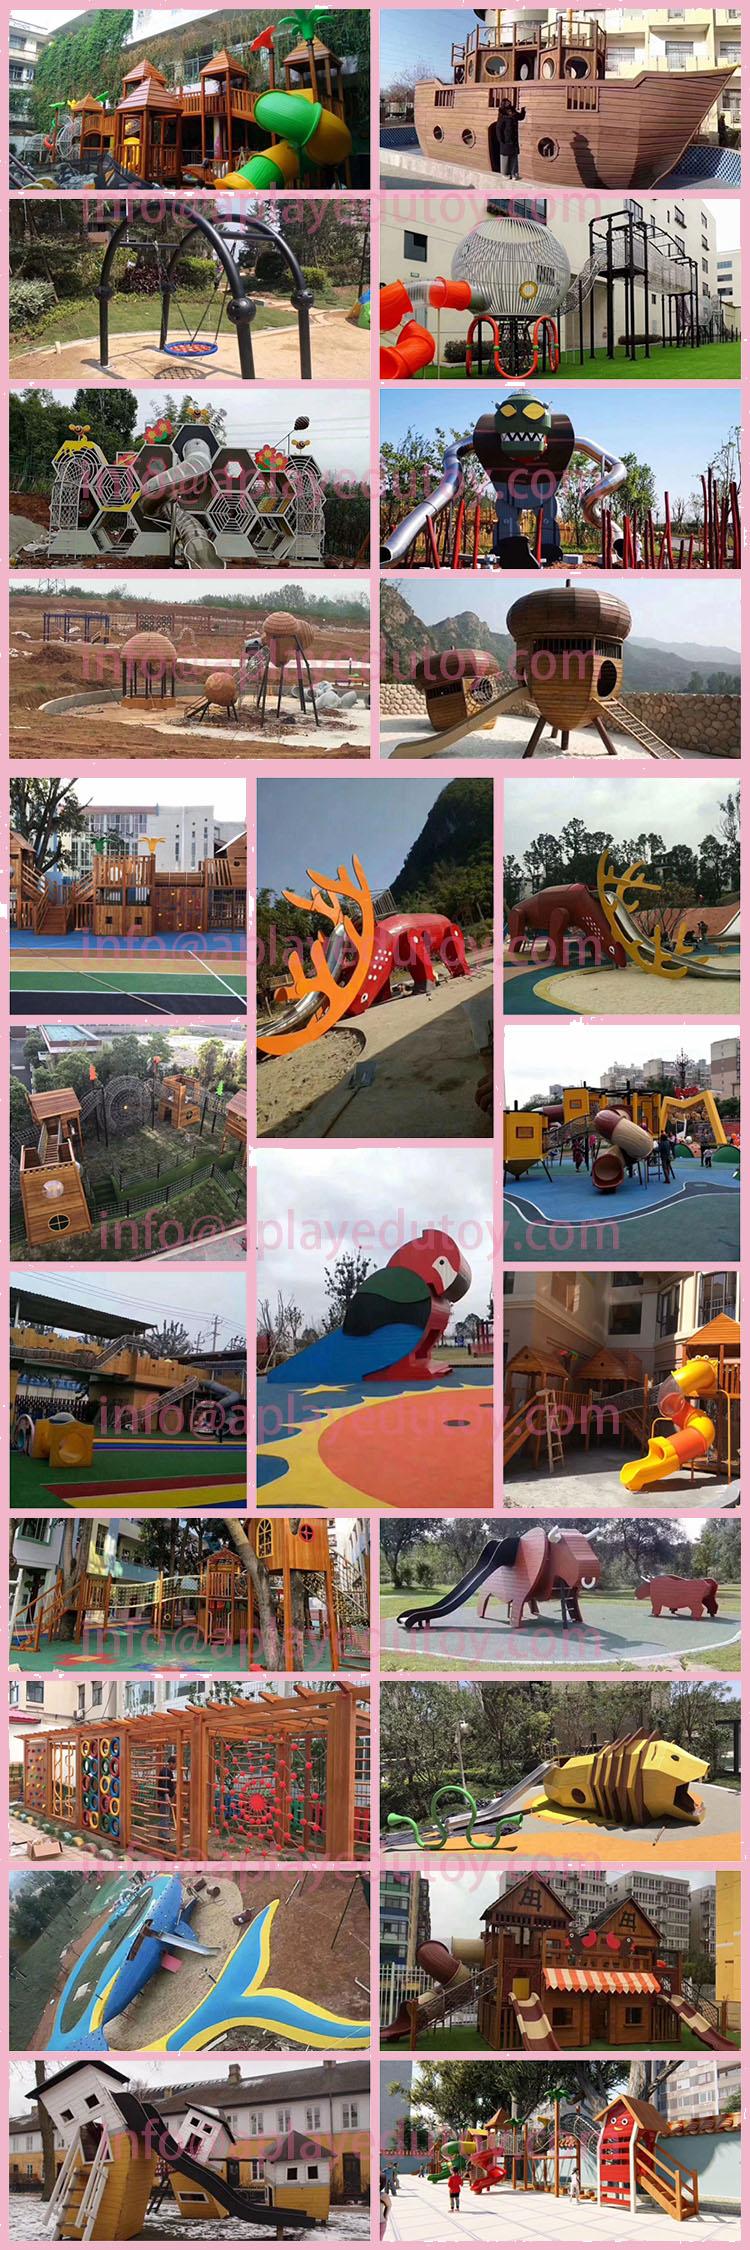 Outdoor hoge building freak houten vreemde speelhuis met lange grote roestvrij buis slide gratis ontwerp